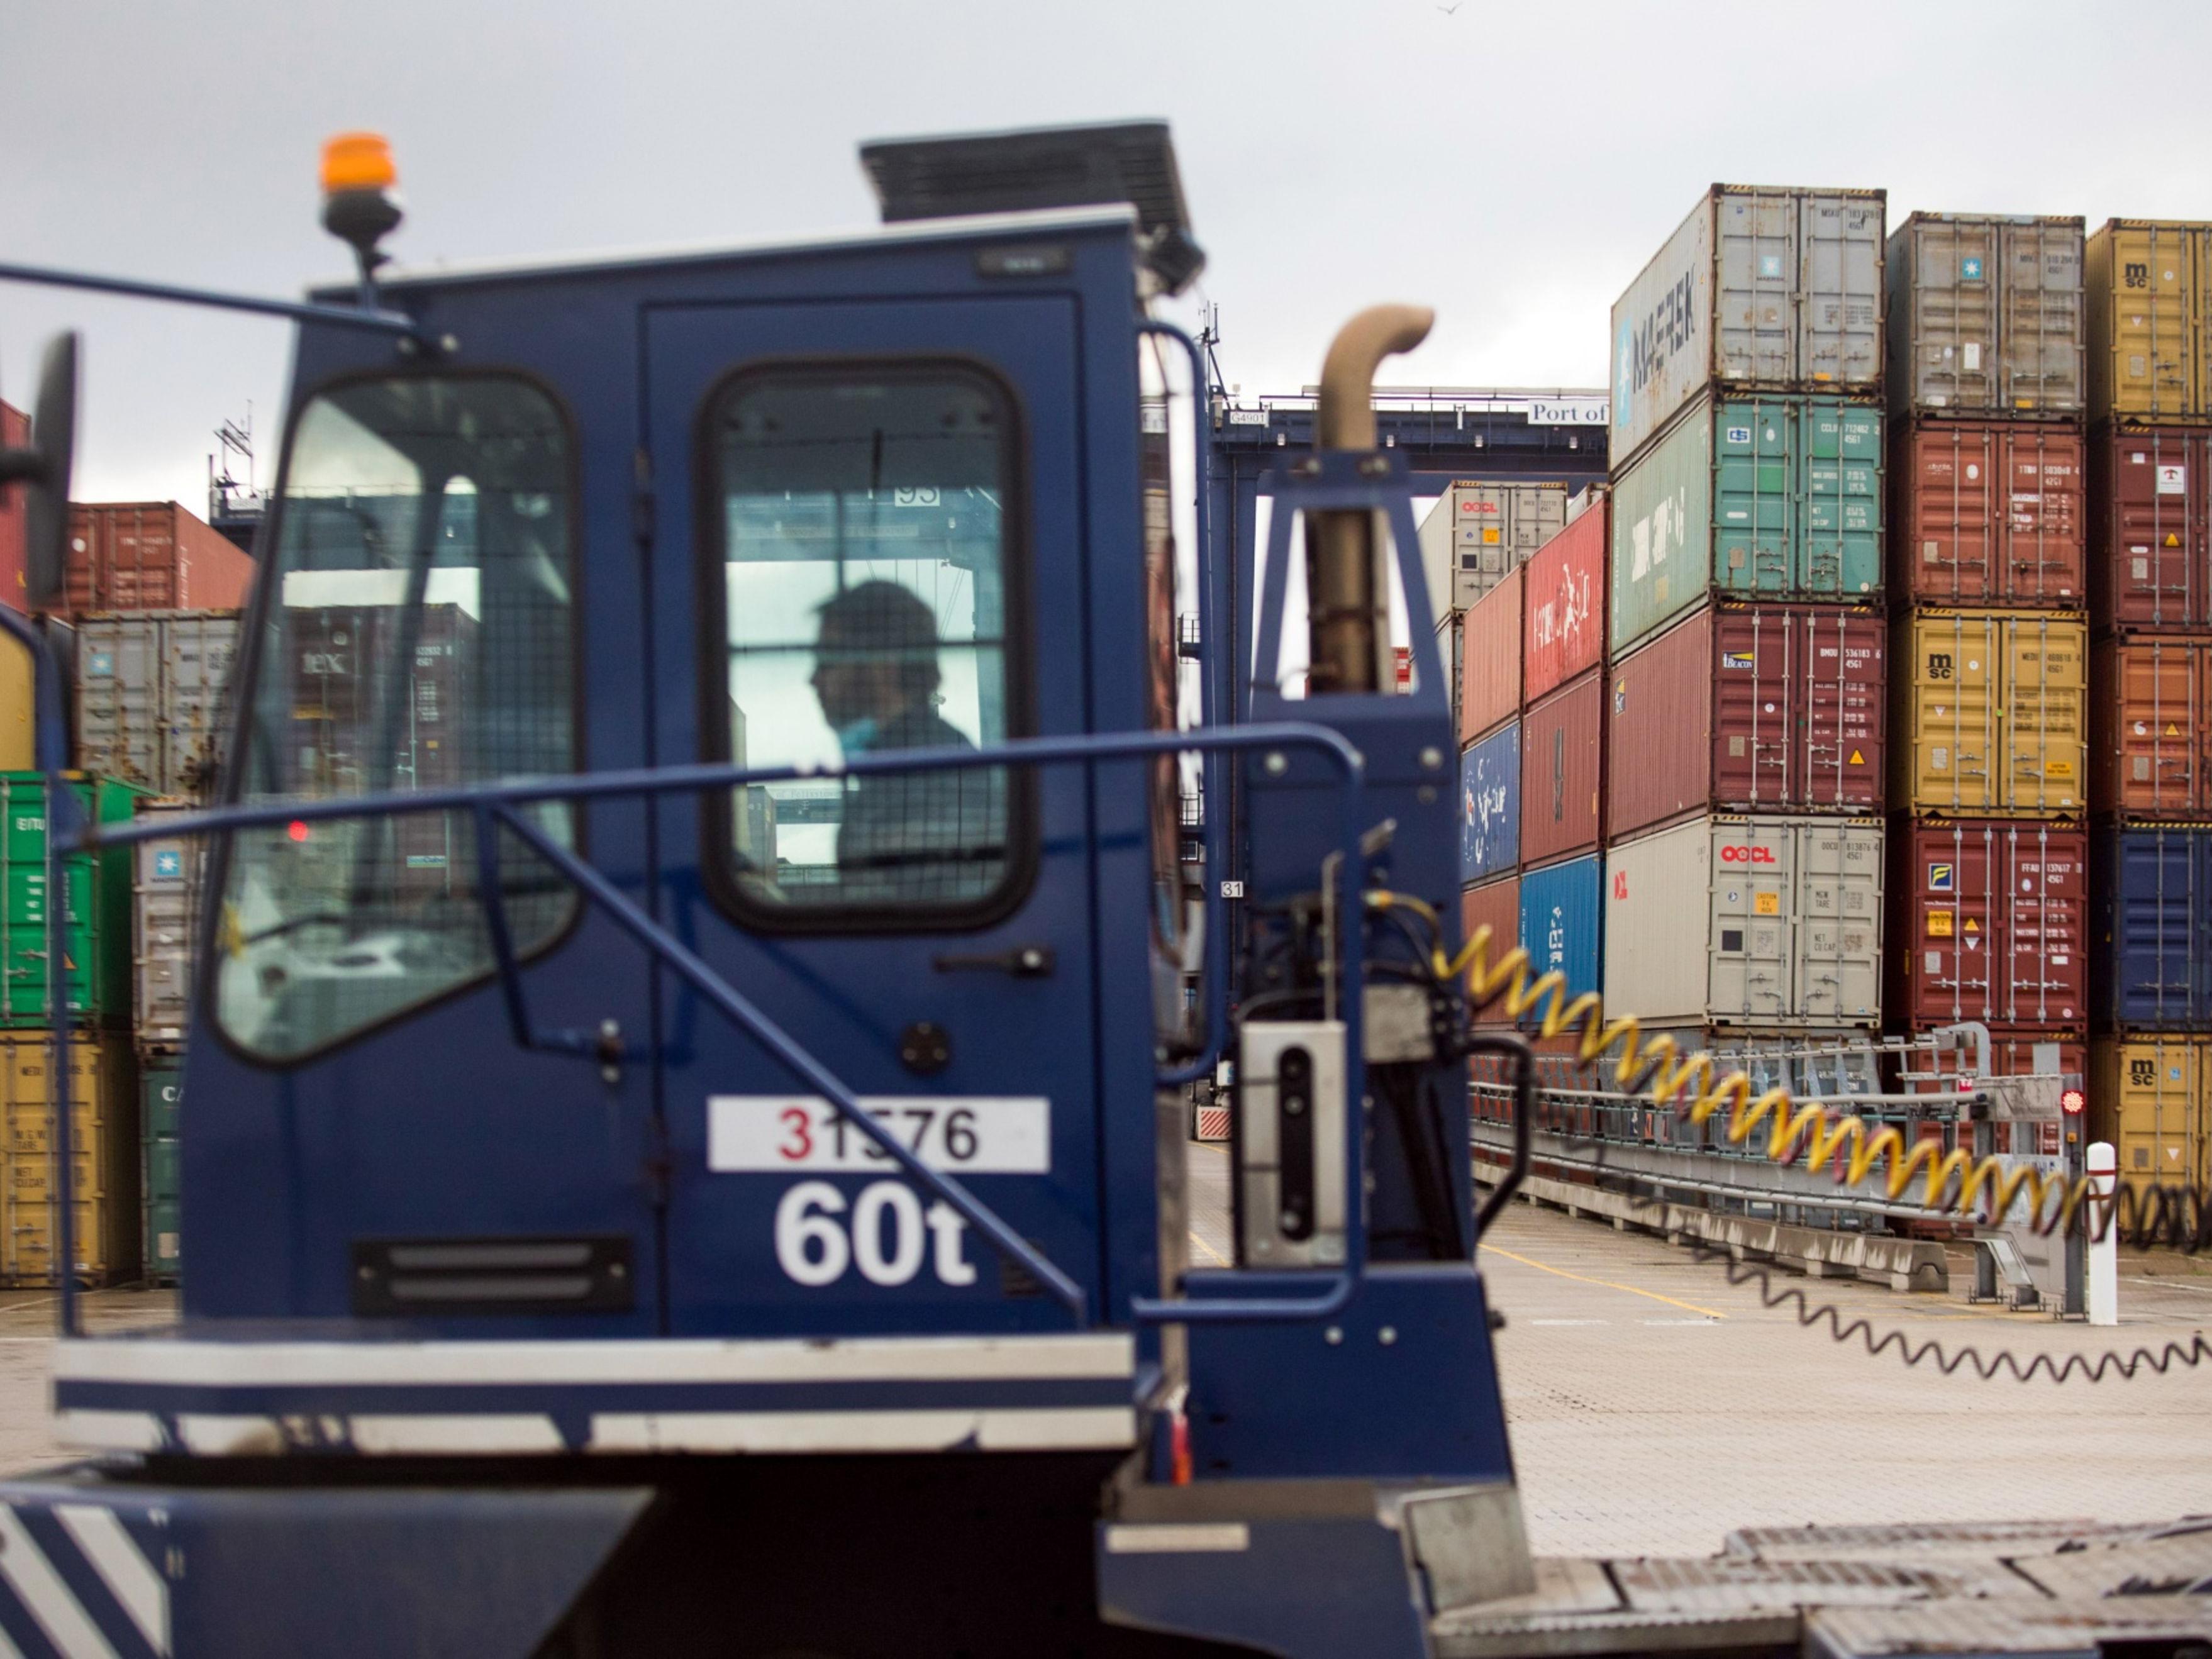 Supply chain worker